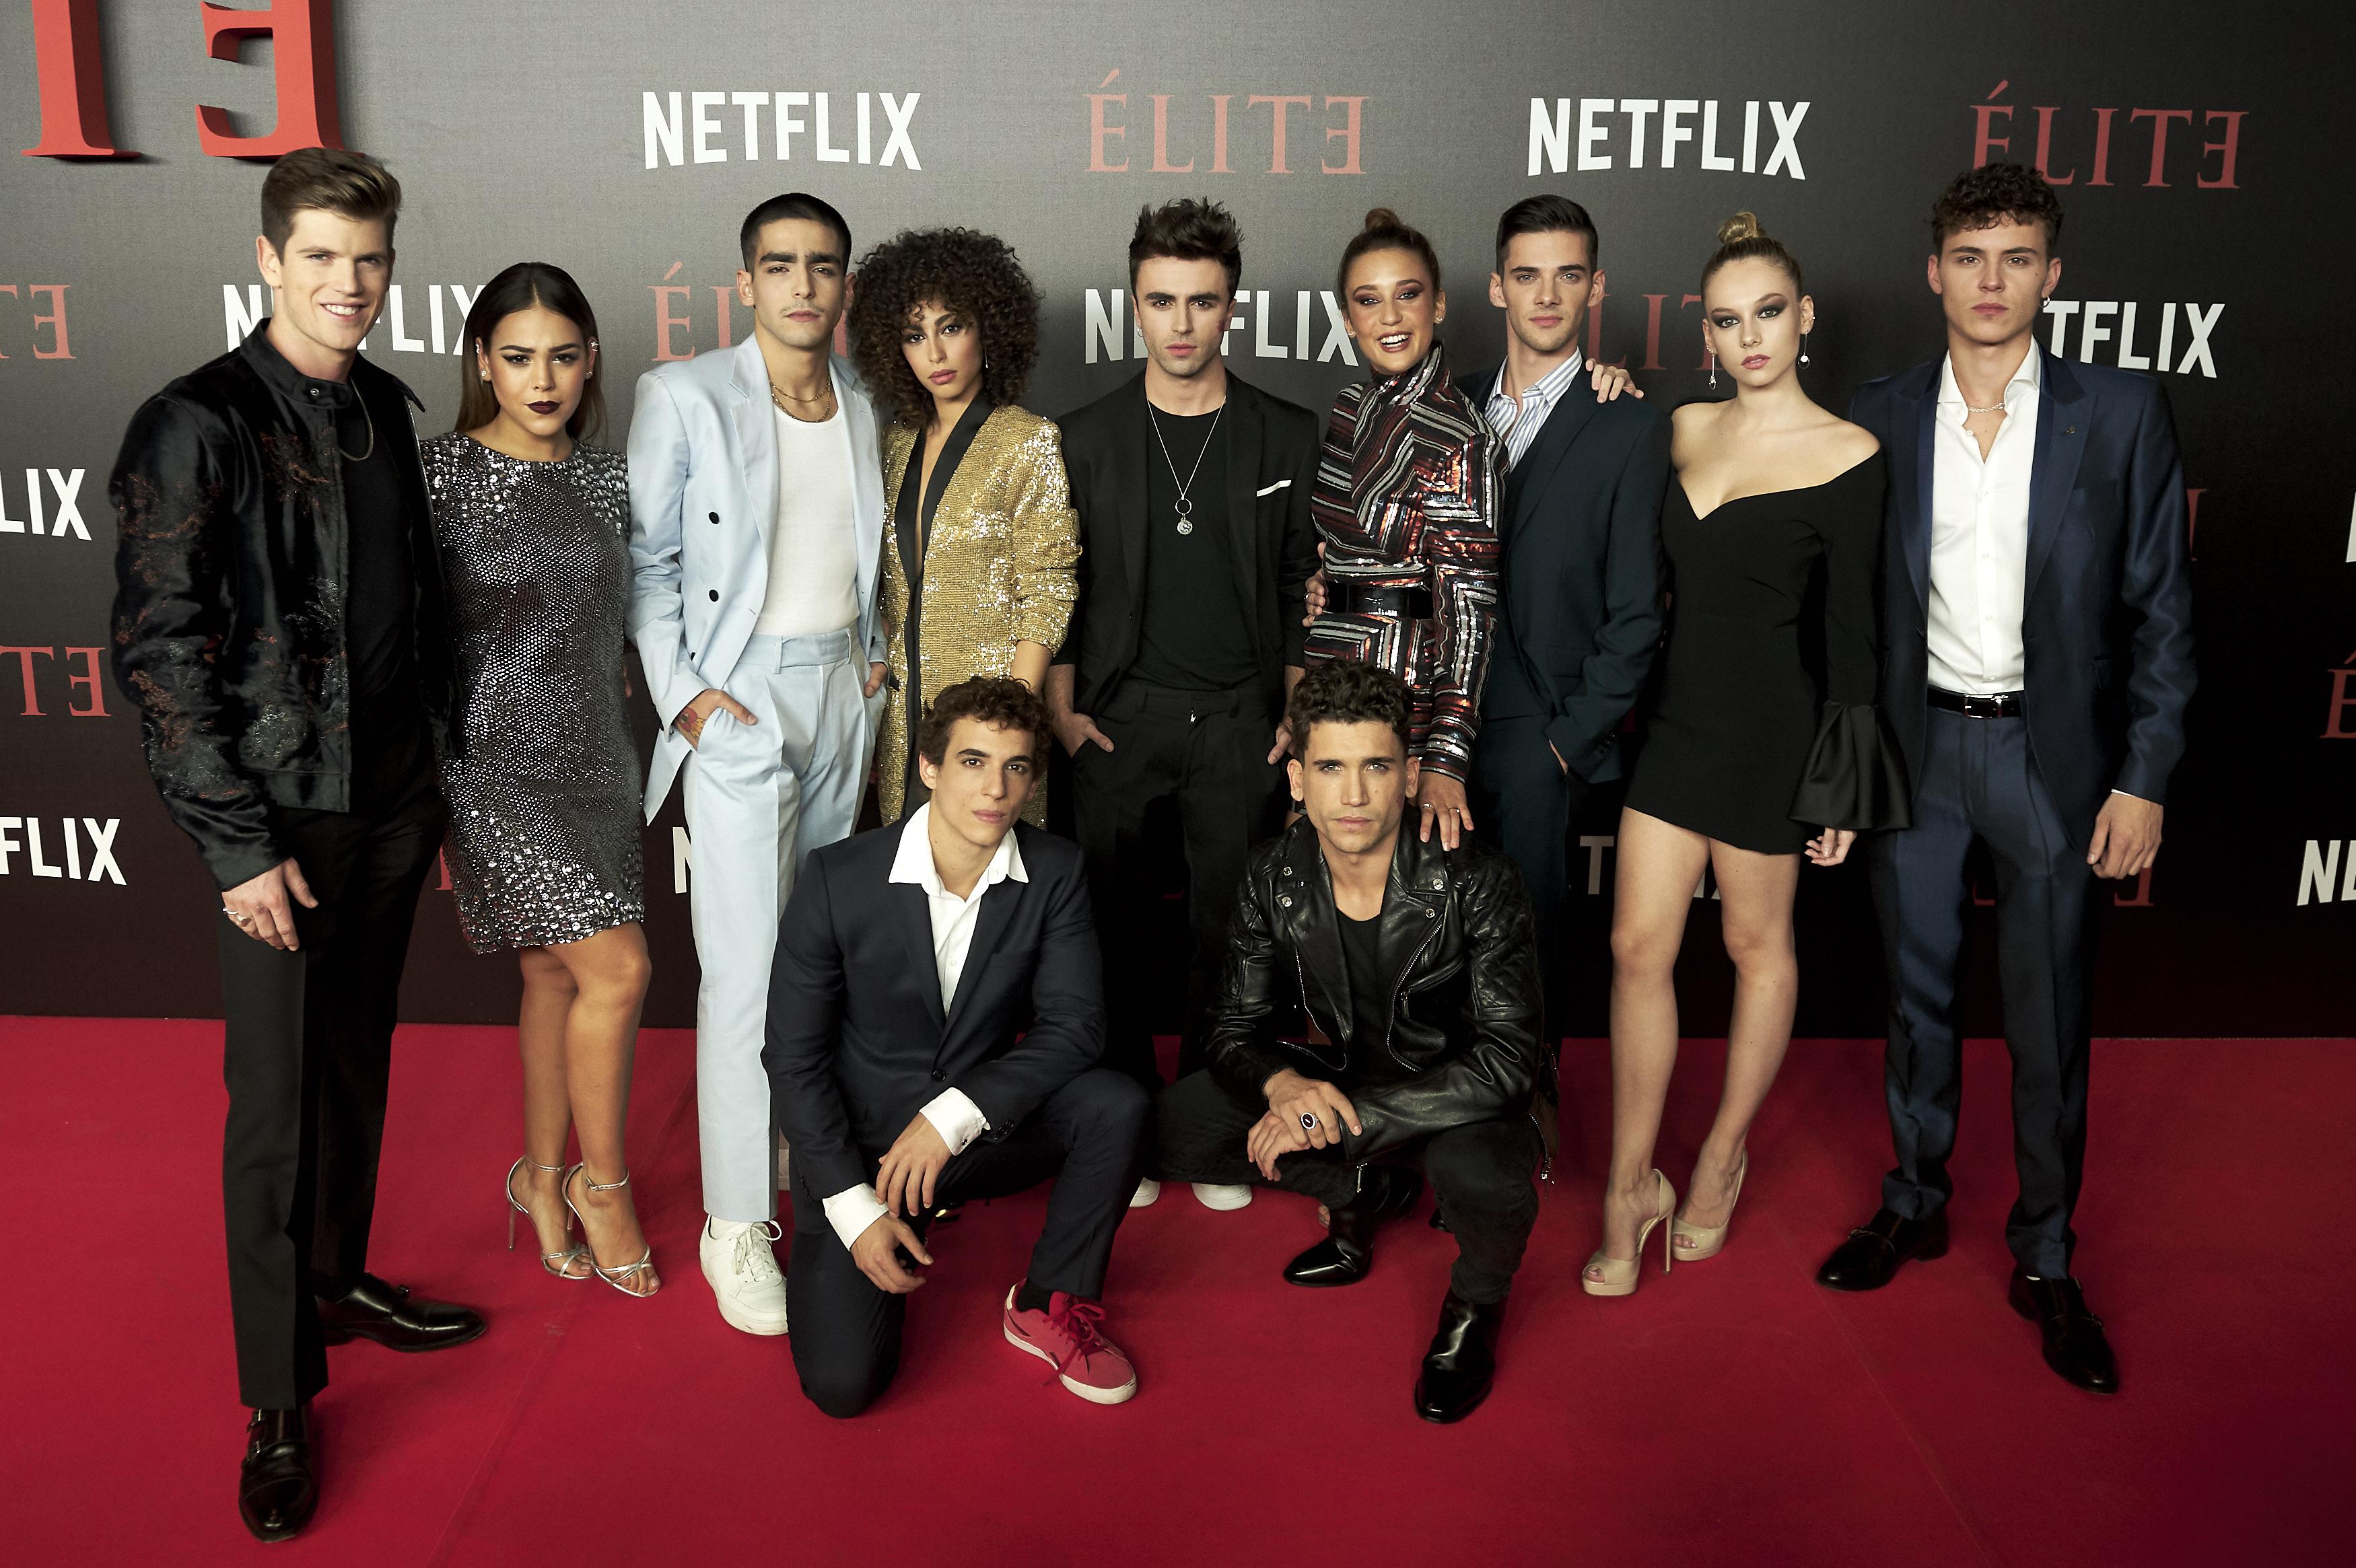 'Elite Premiere' In Madrid